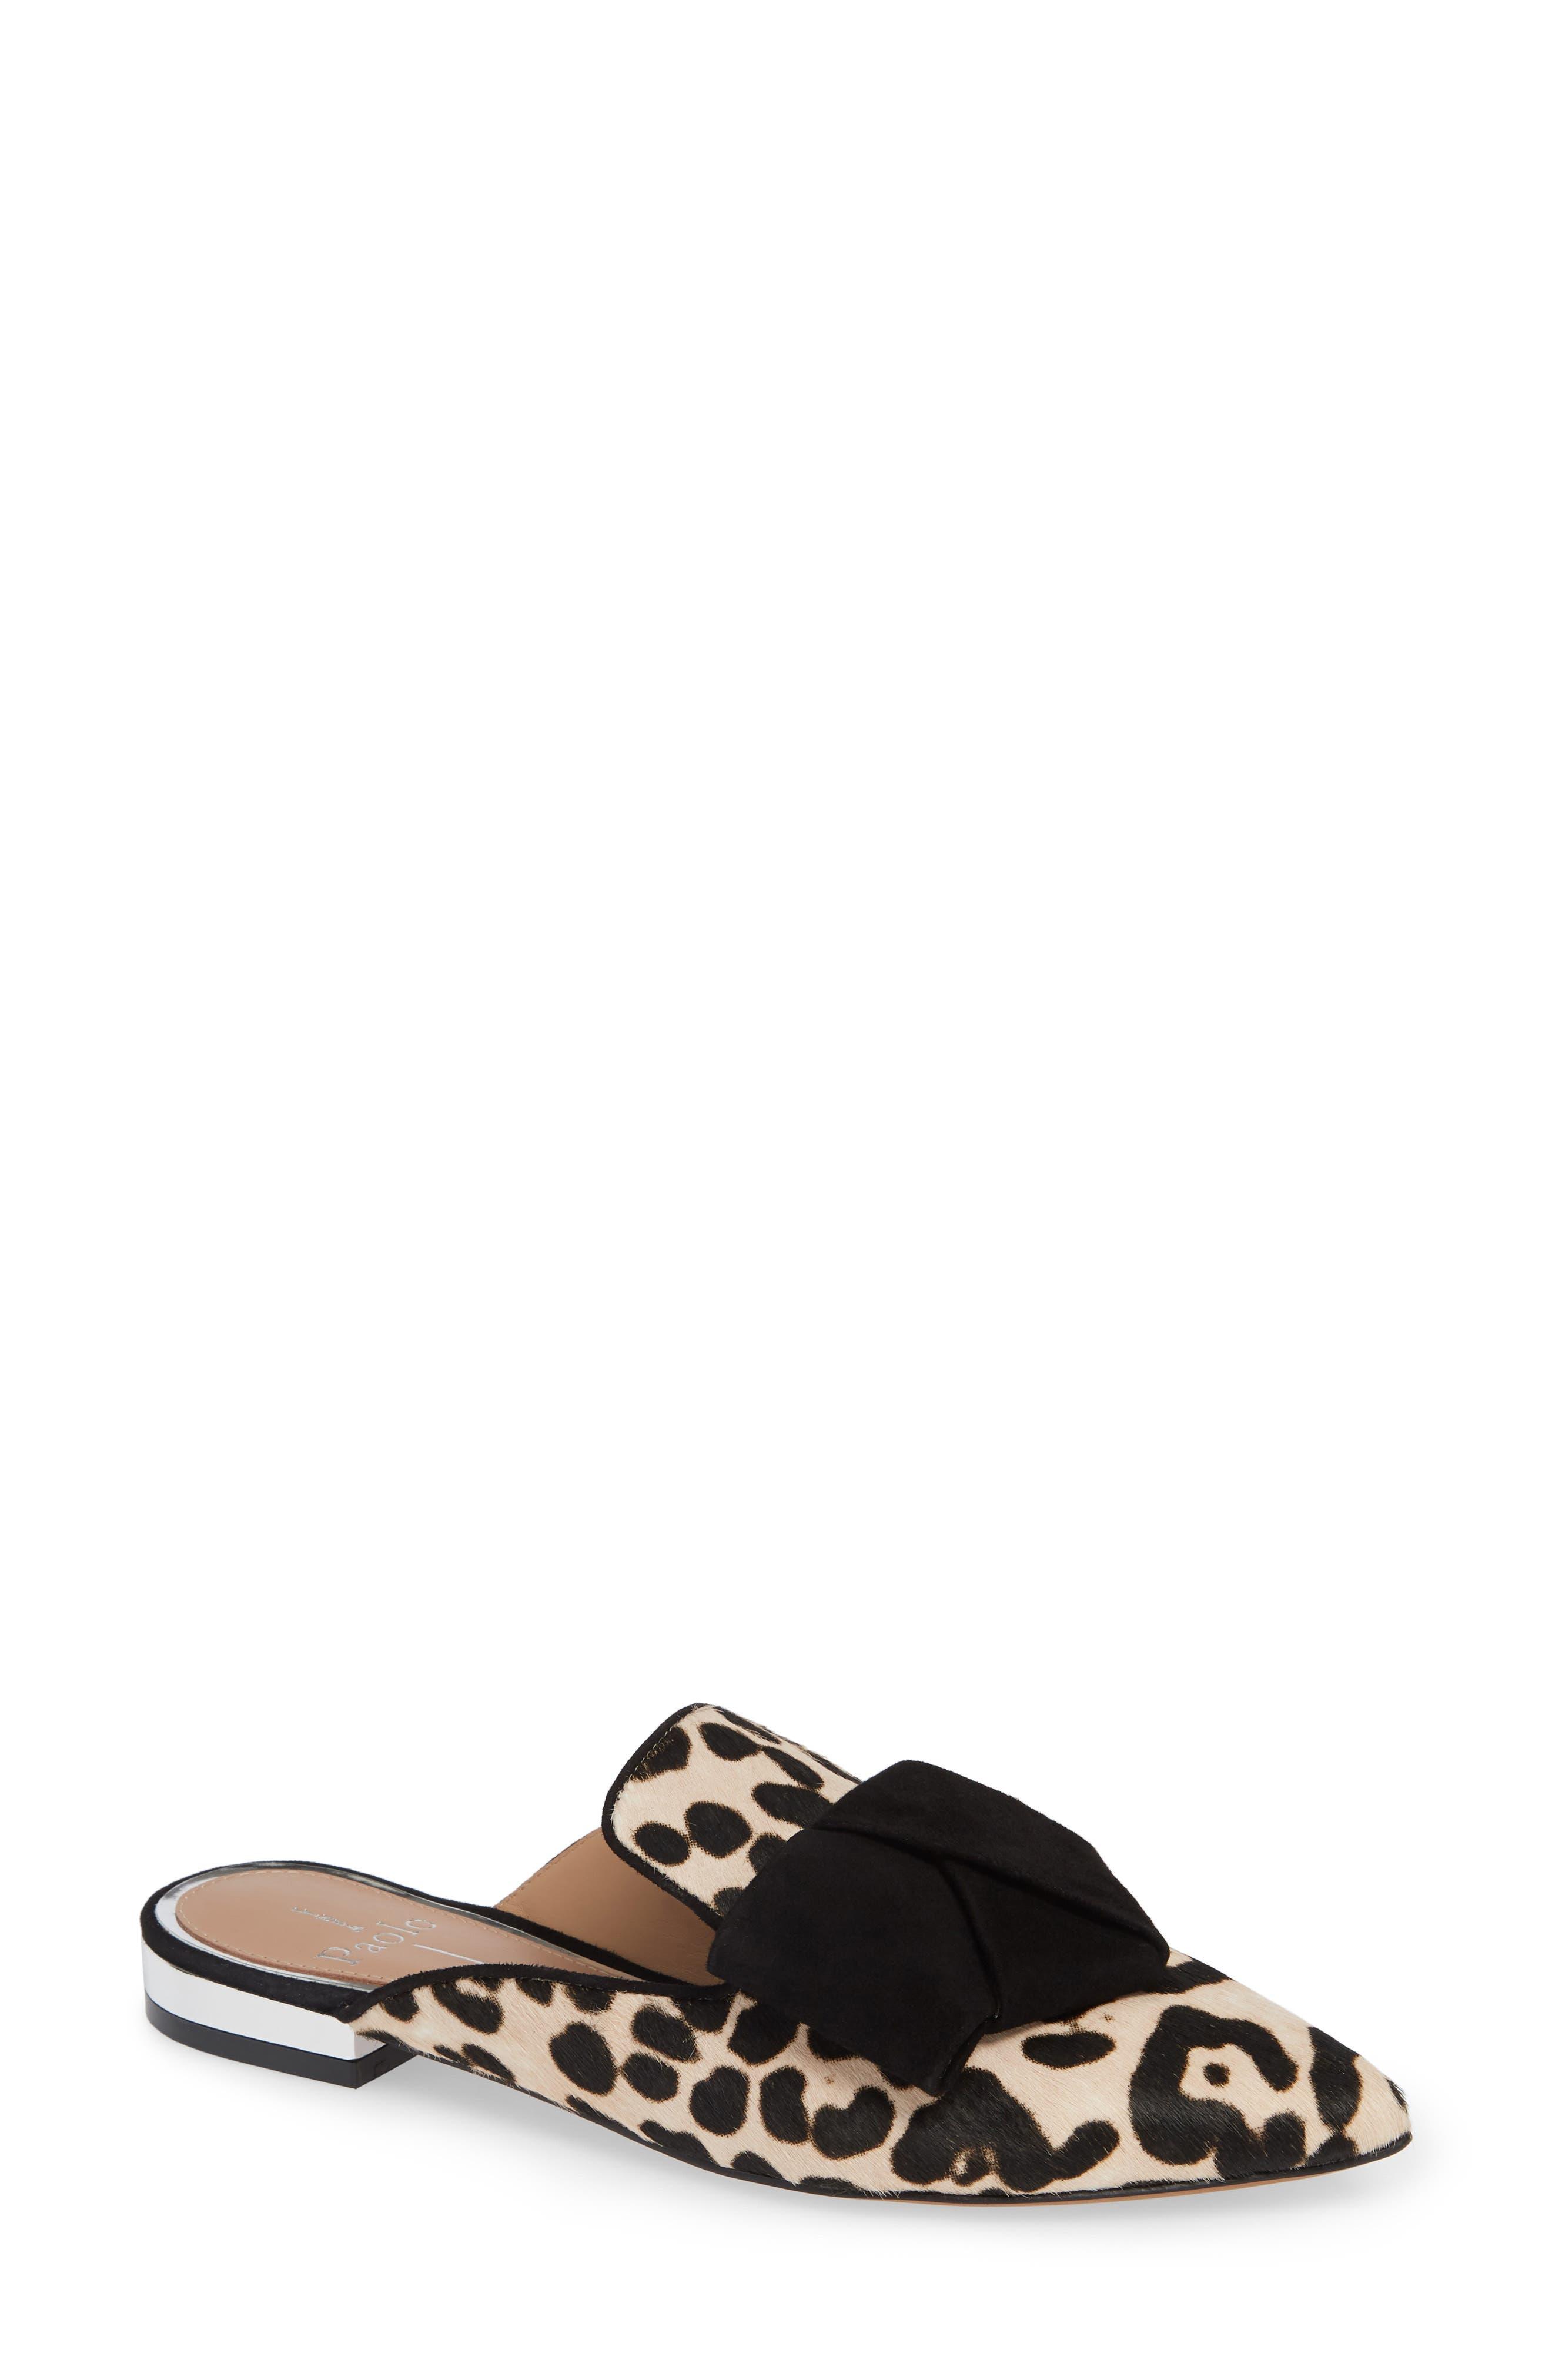 LINEA PAOLO,                             Anya Genuine Calf Hair Bow Mule,                             Main thumbnail 1, color,                             WHITE/ BLACK PRINT HAIRCALF